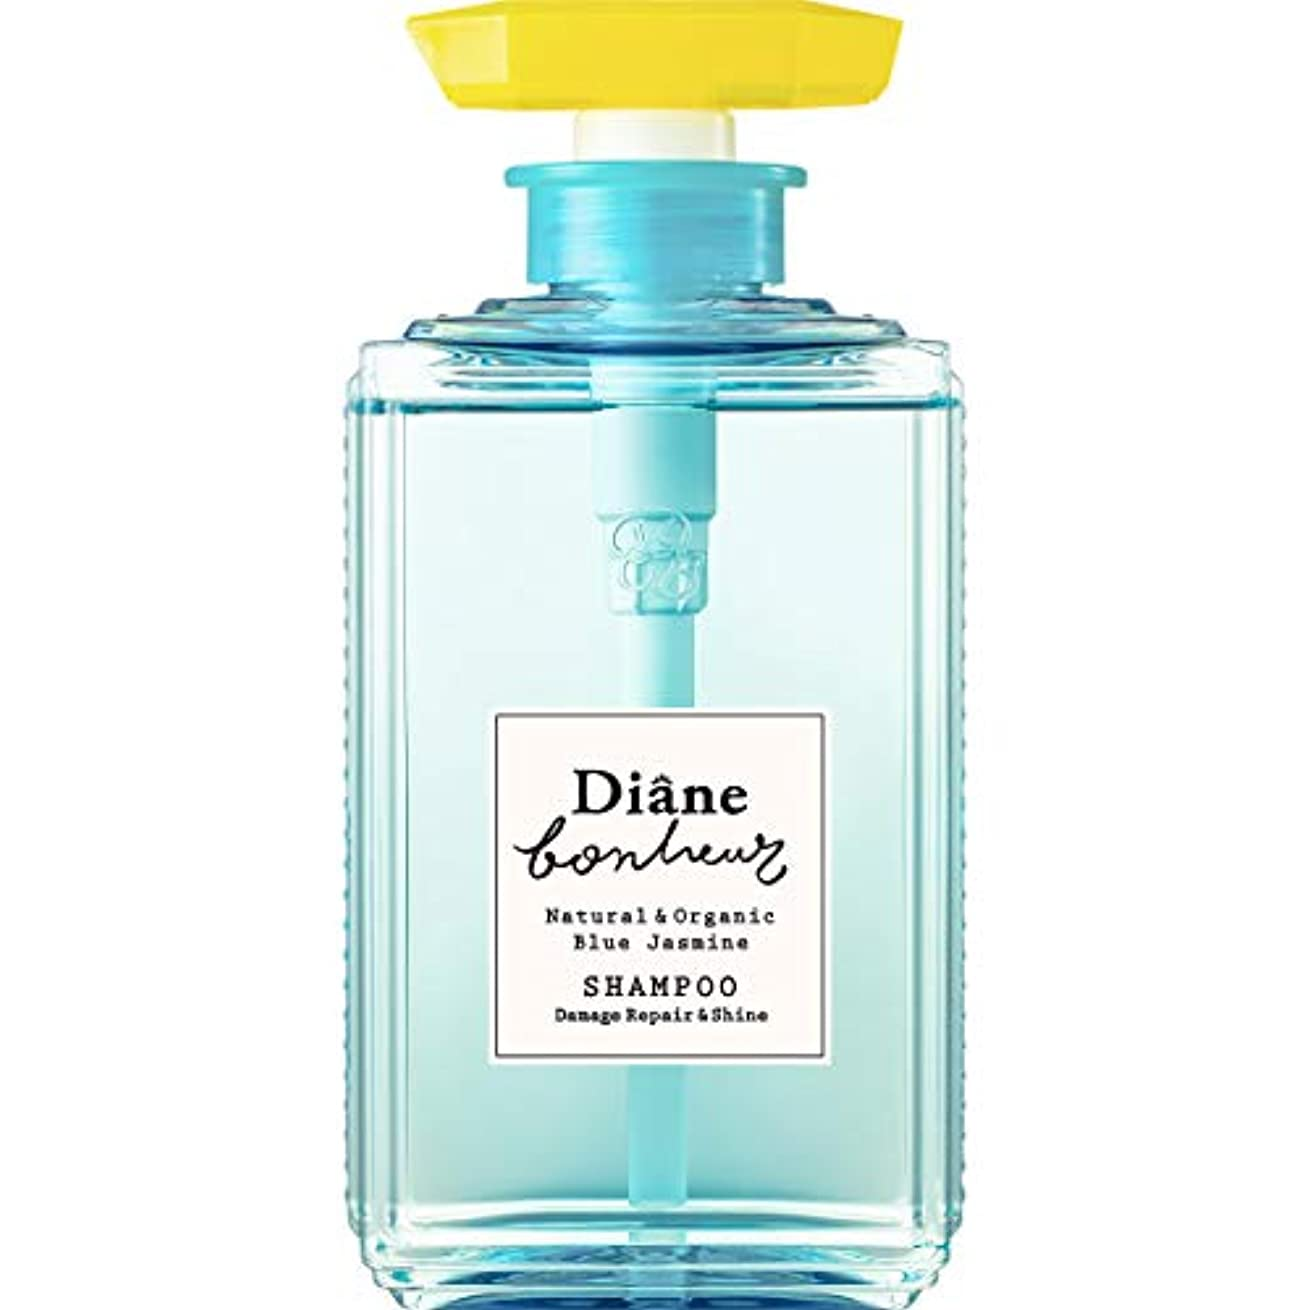 に付ける鎖旅客ダイアン ボヌール シャンプー ブルージャスミンの香り ダメージリペア&シャイン 500ml